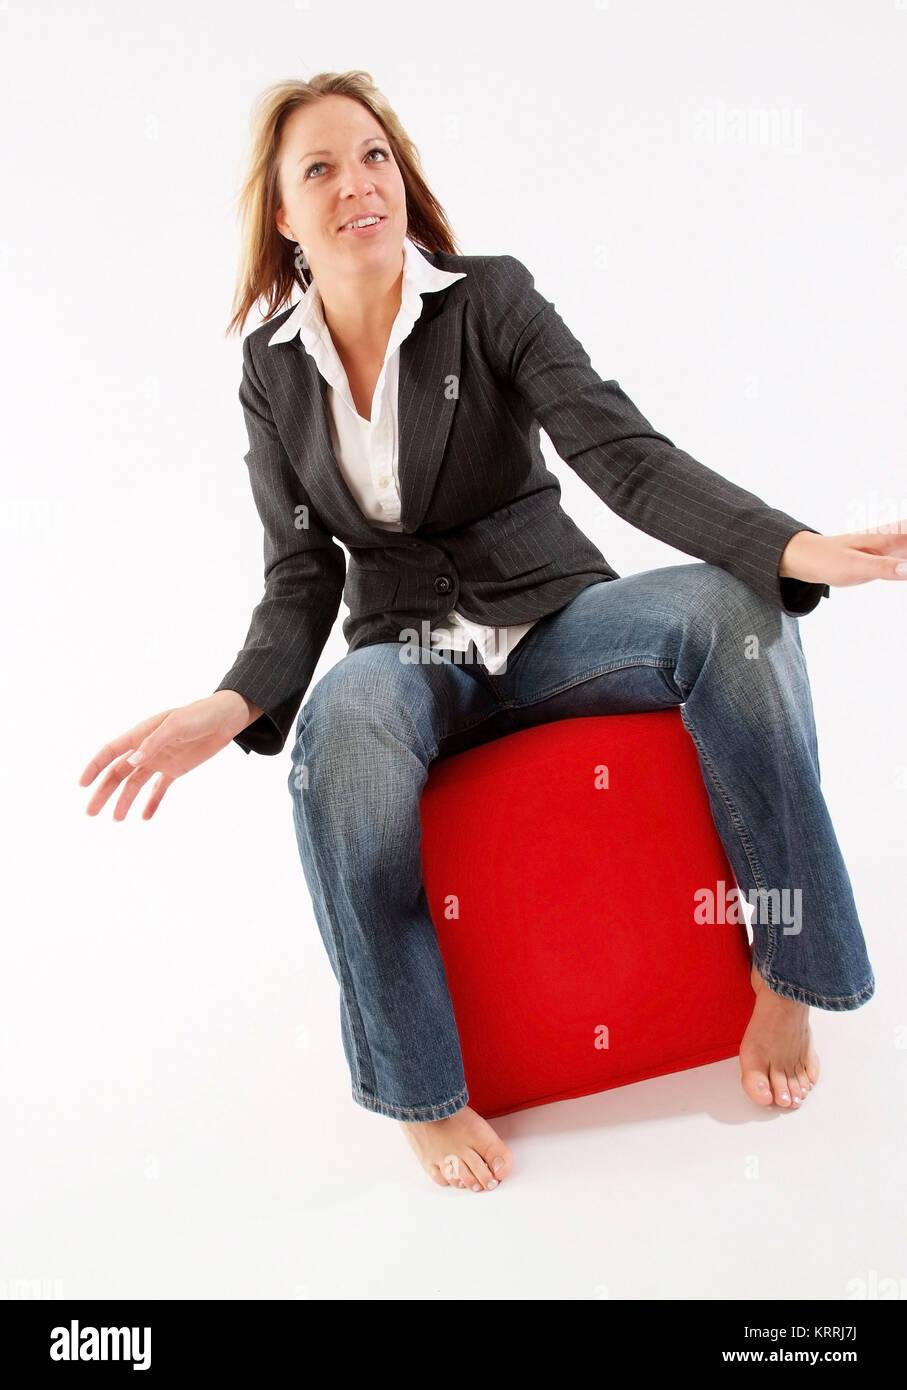 Blonde Frau, 25+,  sitzt auf einem roten Stoffwuerfel - young, blond woman in portrait - Stock Image